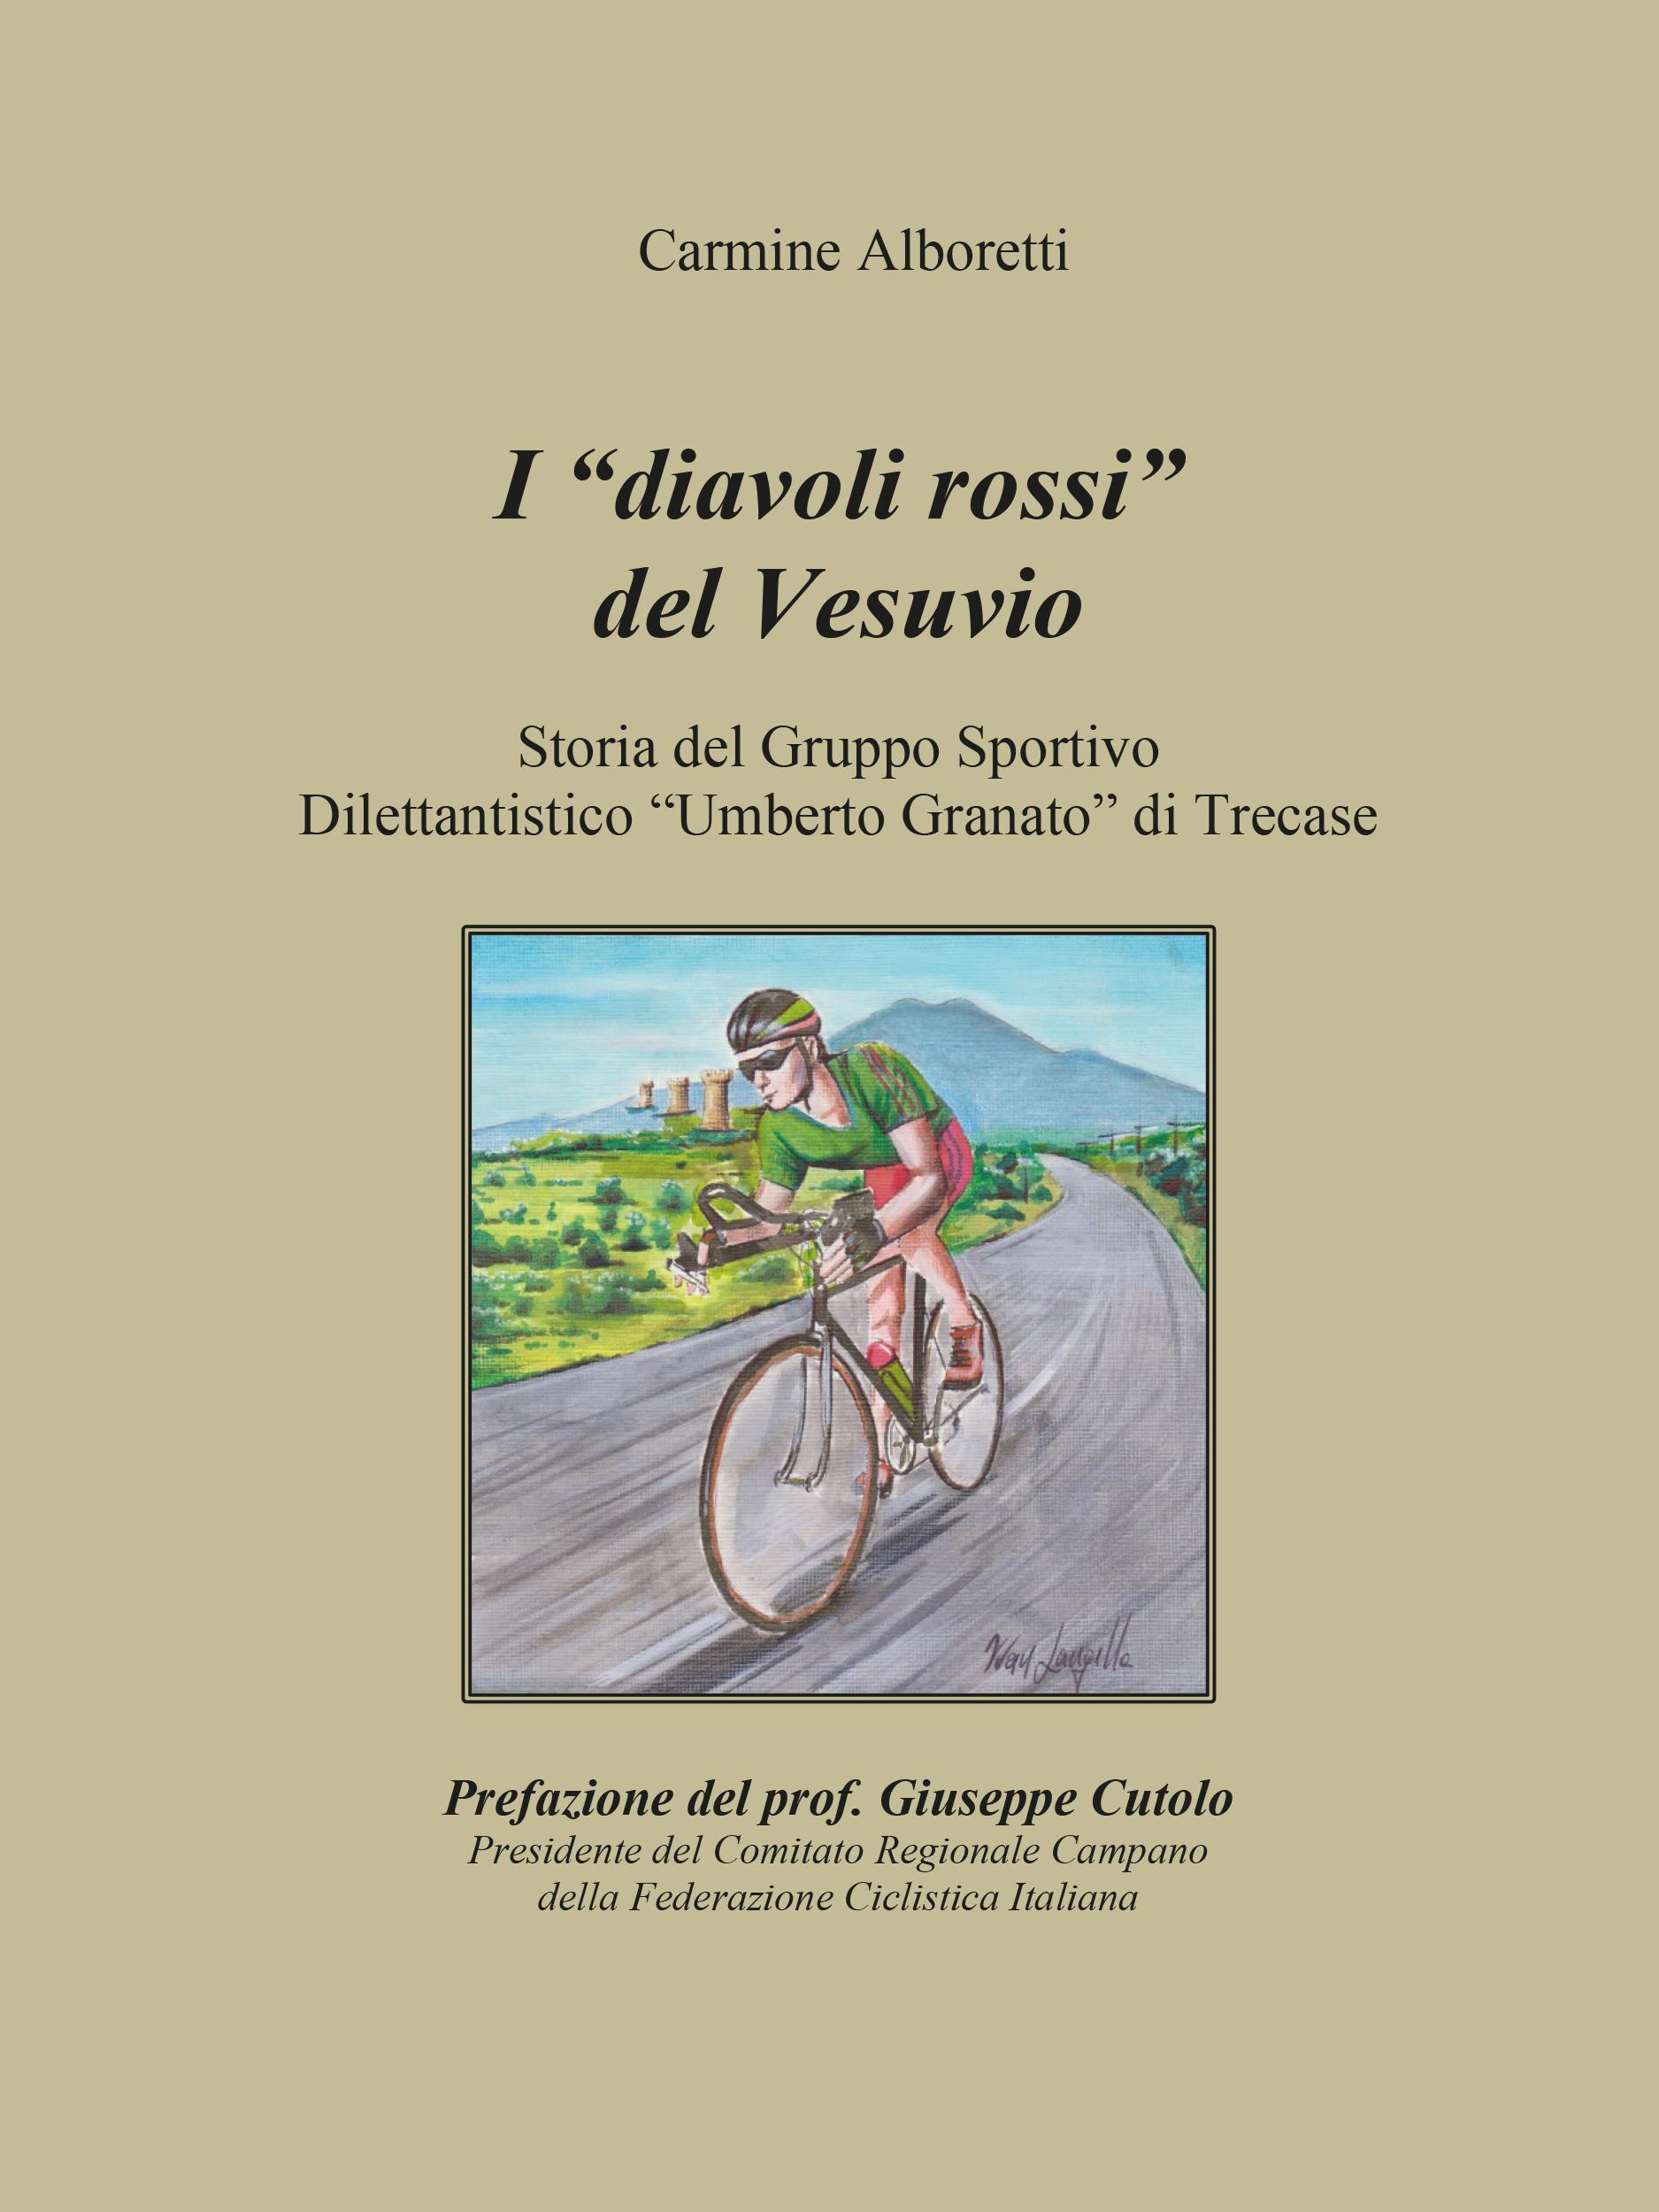 """I diavoli rossi del Vesuvio. Storia del Gruppo Sportivo Dilettantistico """"Umberto Granato"""" di Trecase"""